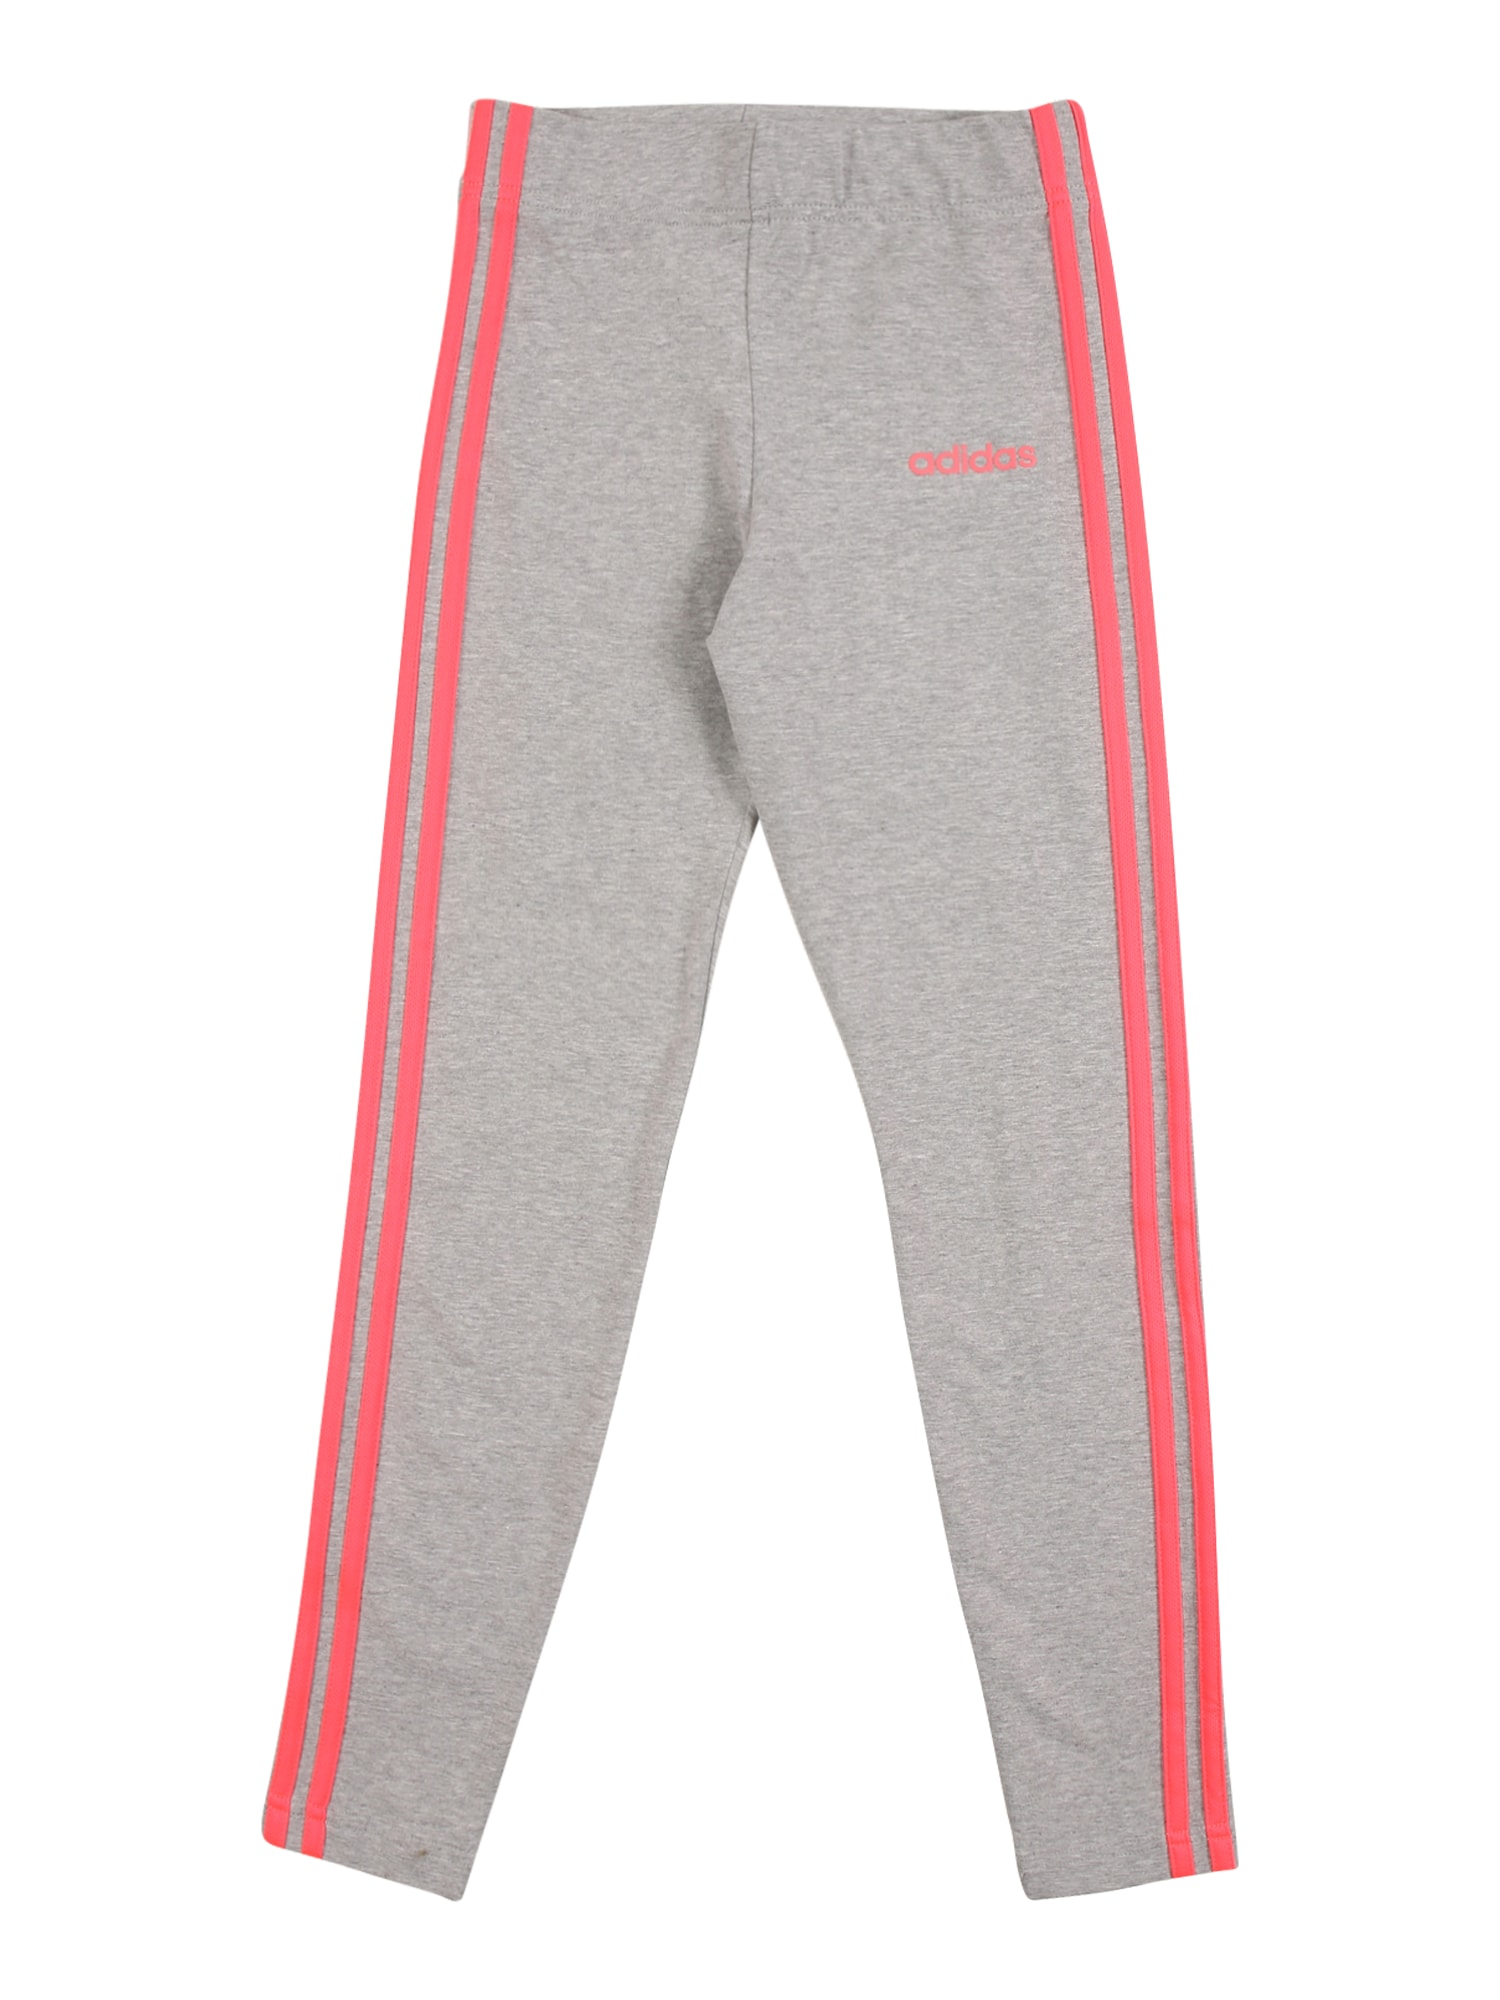 ADIDAS PERFORMANCE Sportovní kalhoty  lososová / šedá